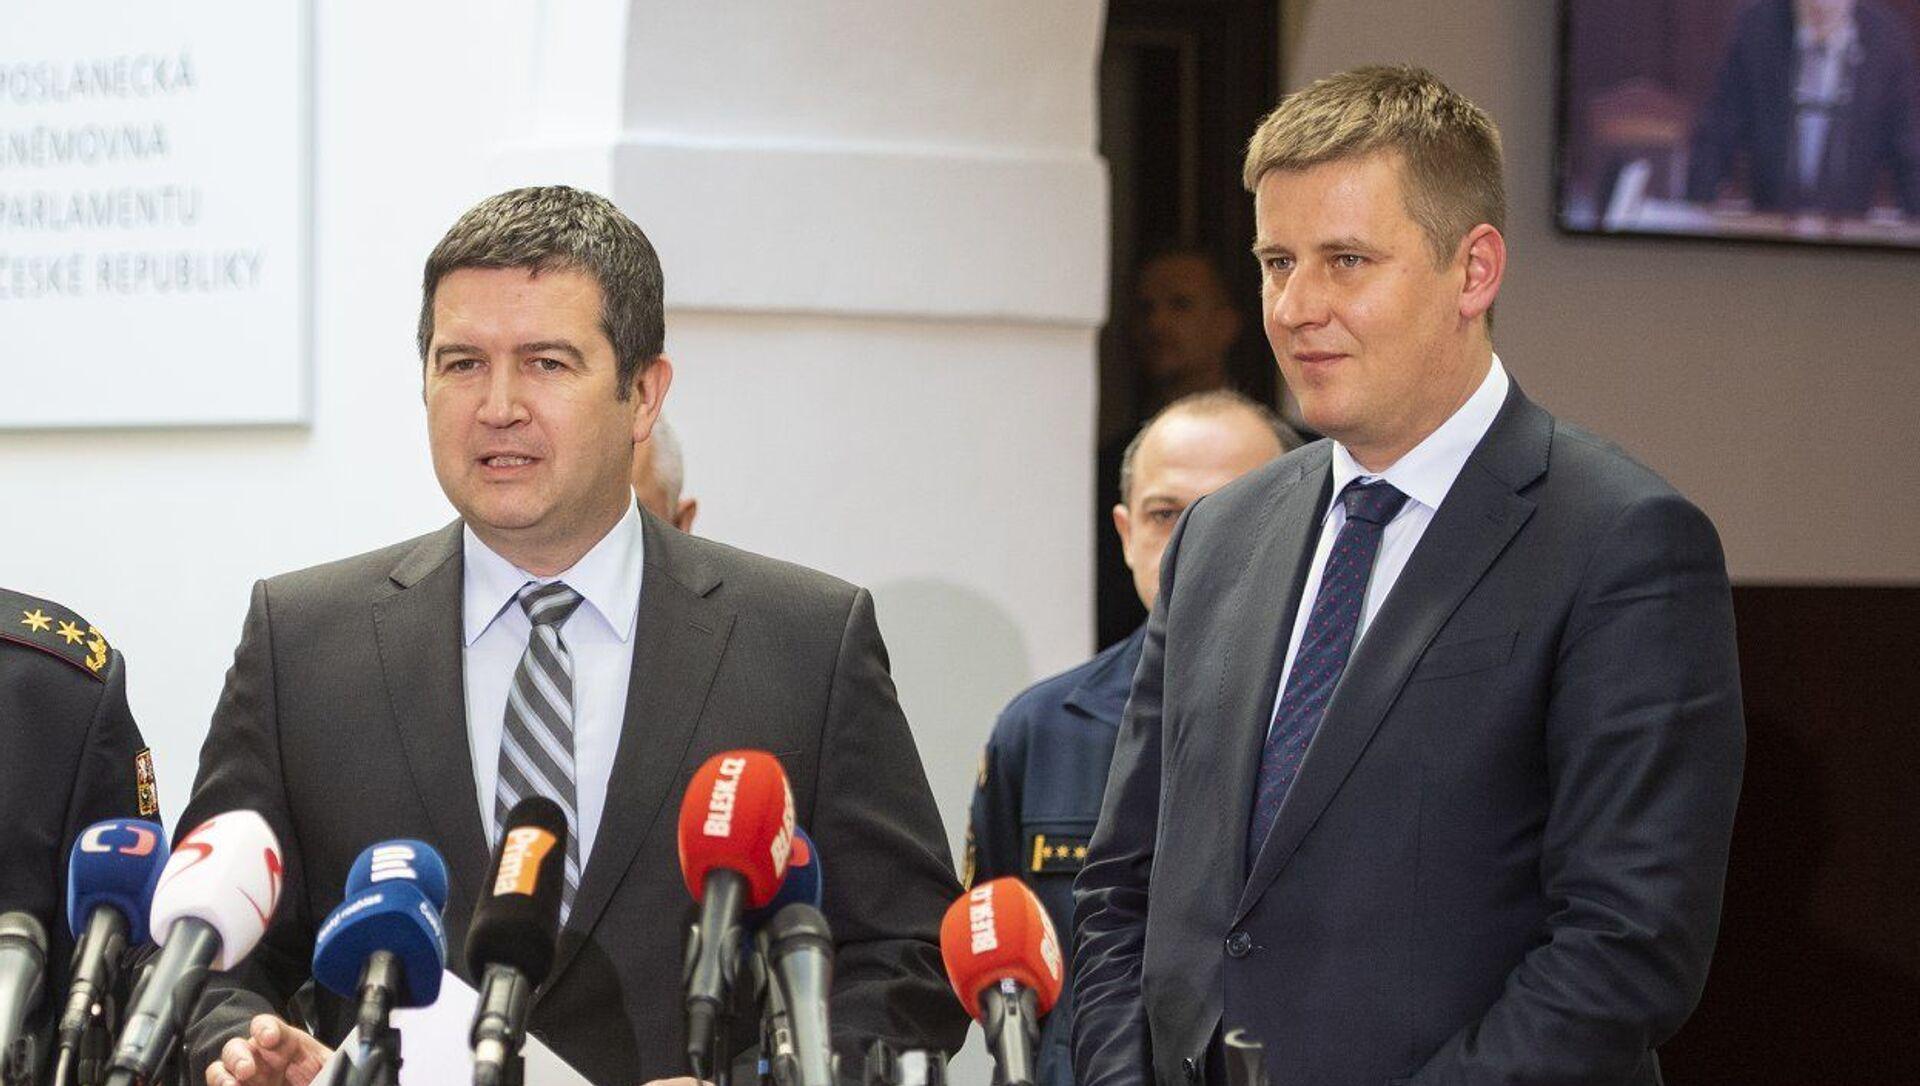 Předseda strany ČSSD a ministr vnítra jan Hamáček a ministr zahraničních věci Tomáš Petříček  - Sputnik Česká republika, 1920, 29.03.2021